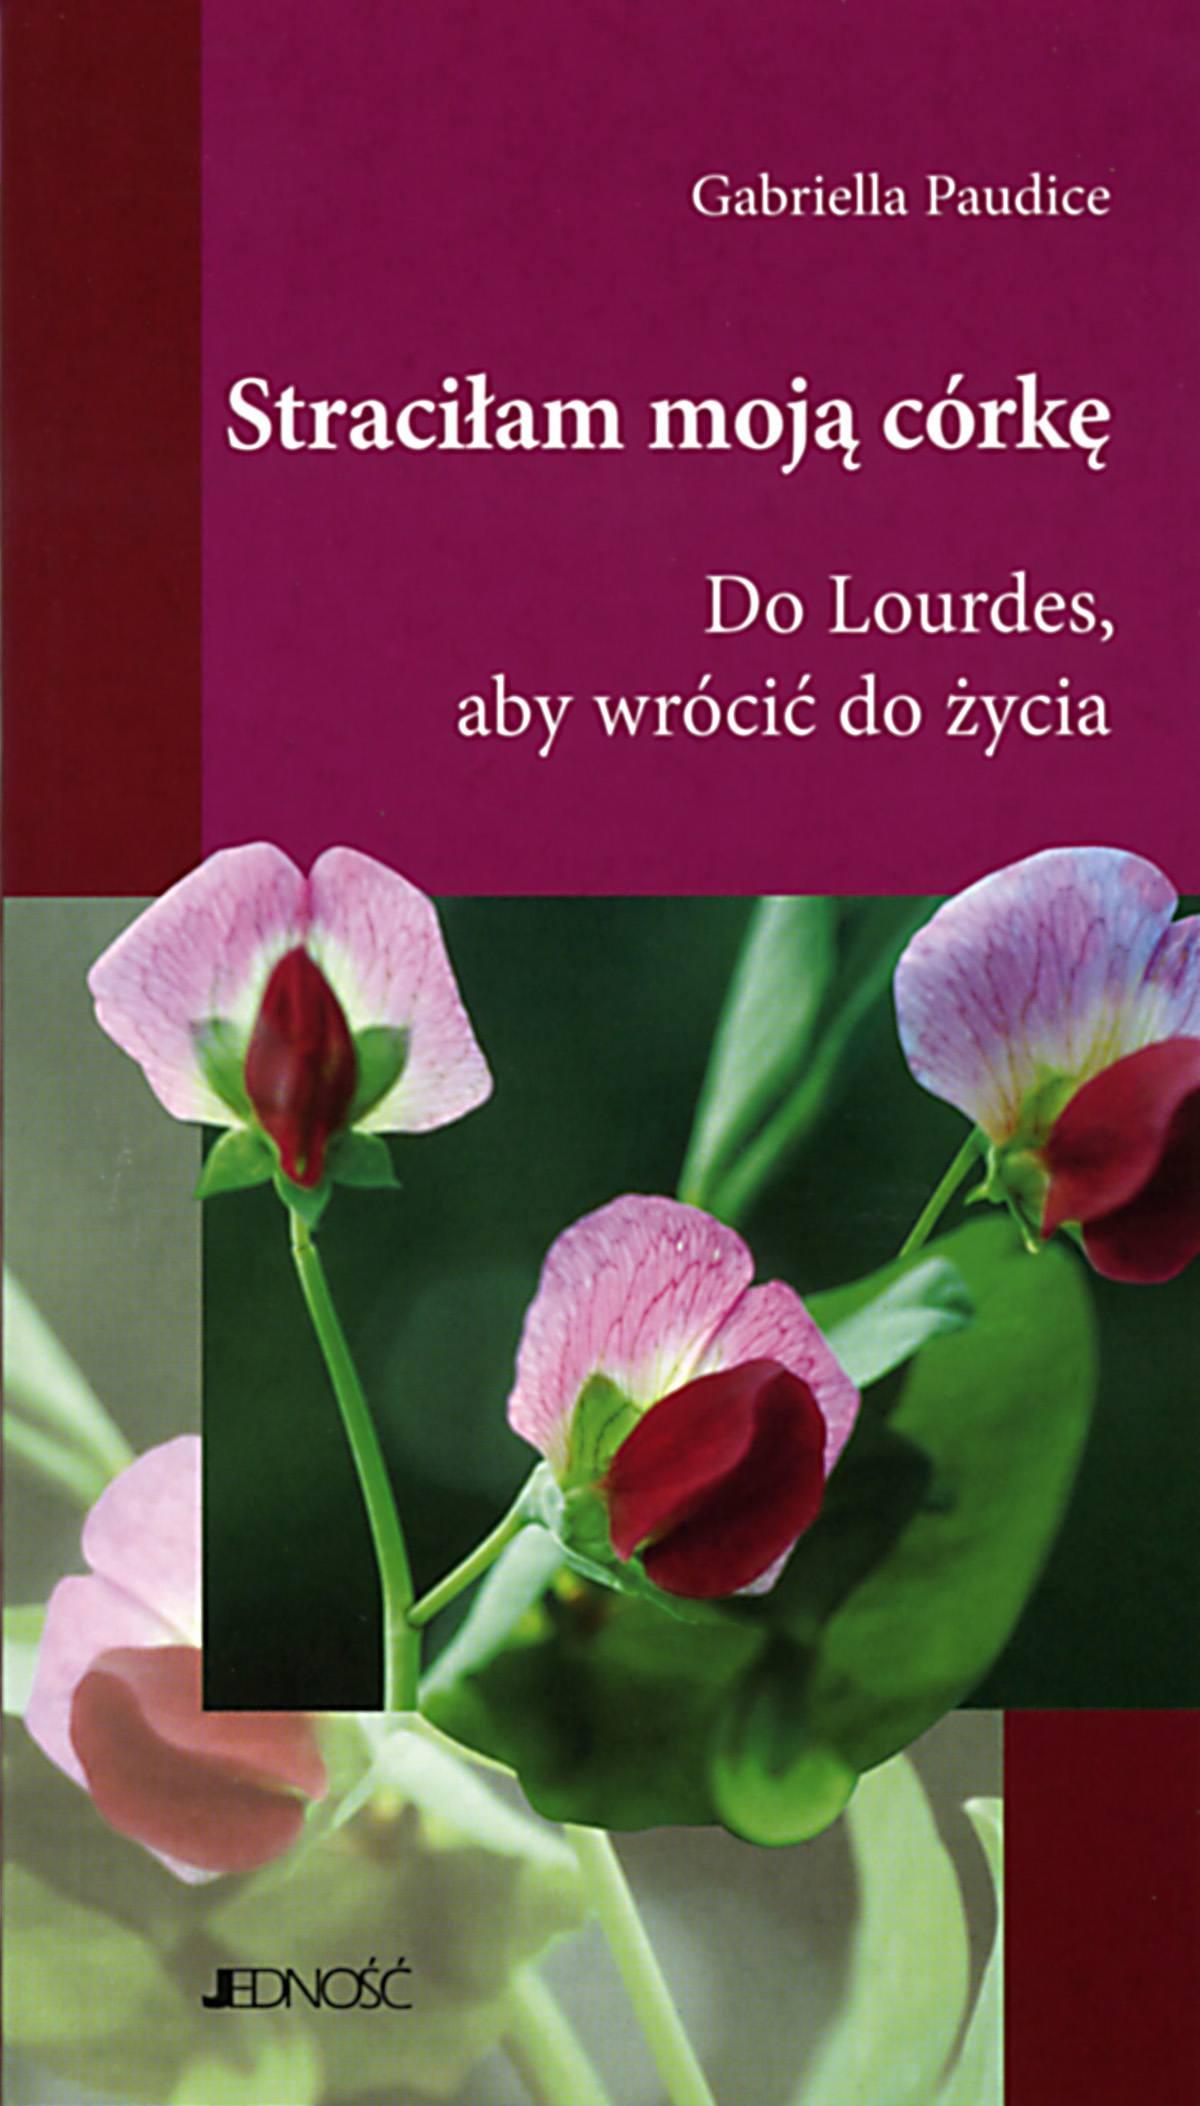 Straciłam moją córkę. Do Lourdes, aby wrócić do życia. - Ebook (Książka EPUB) do pobrania w formacie EPUB